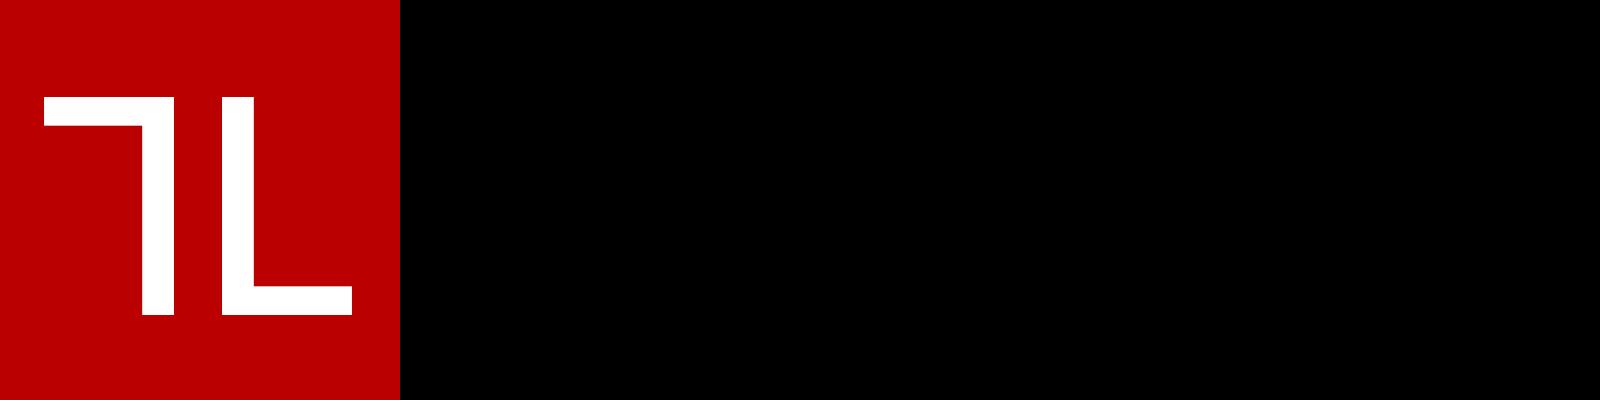 LUMIFIKON